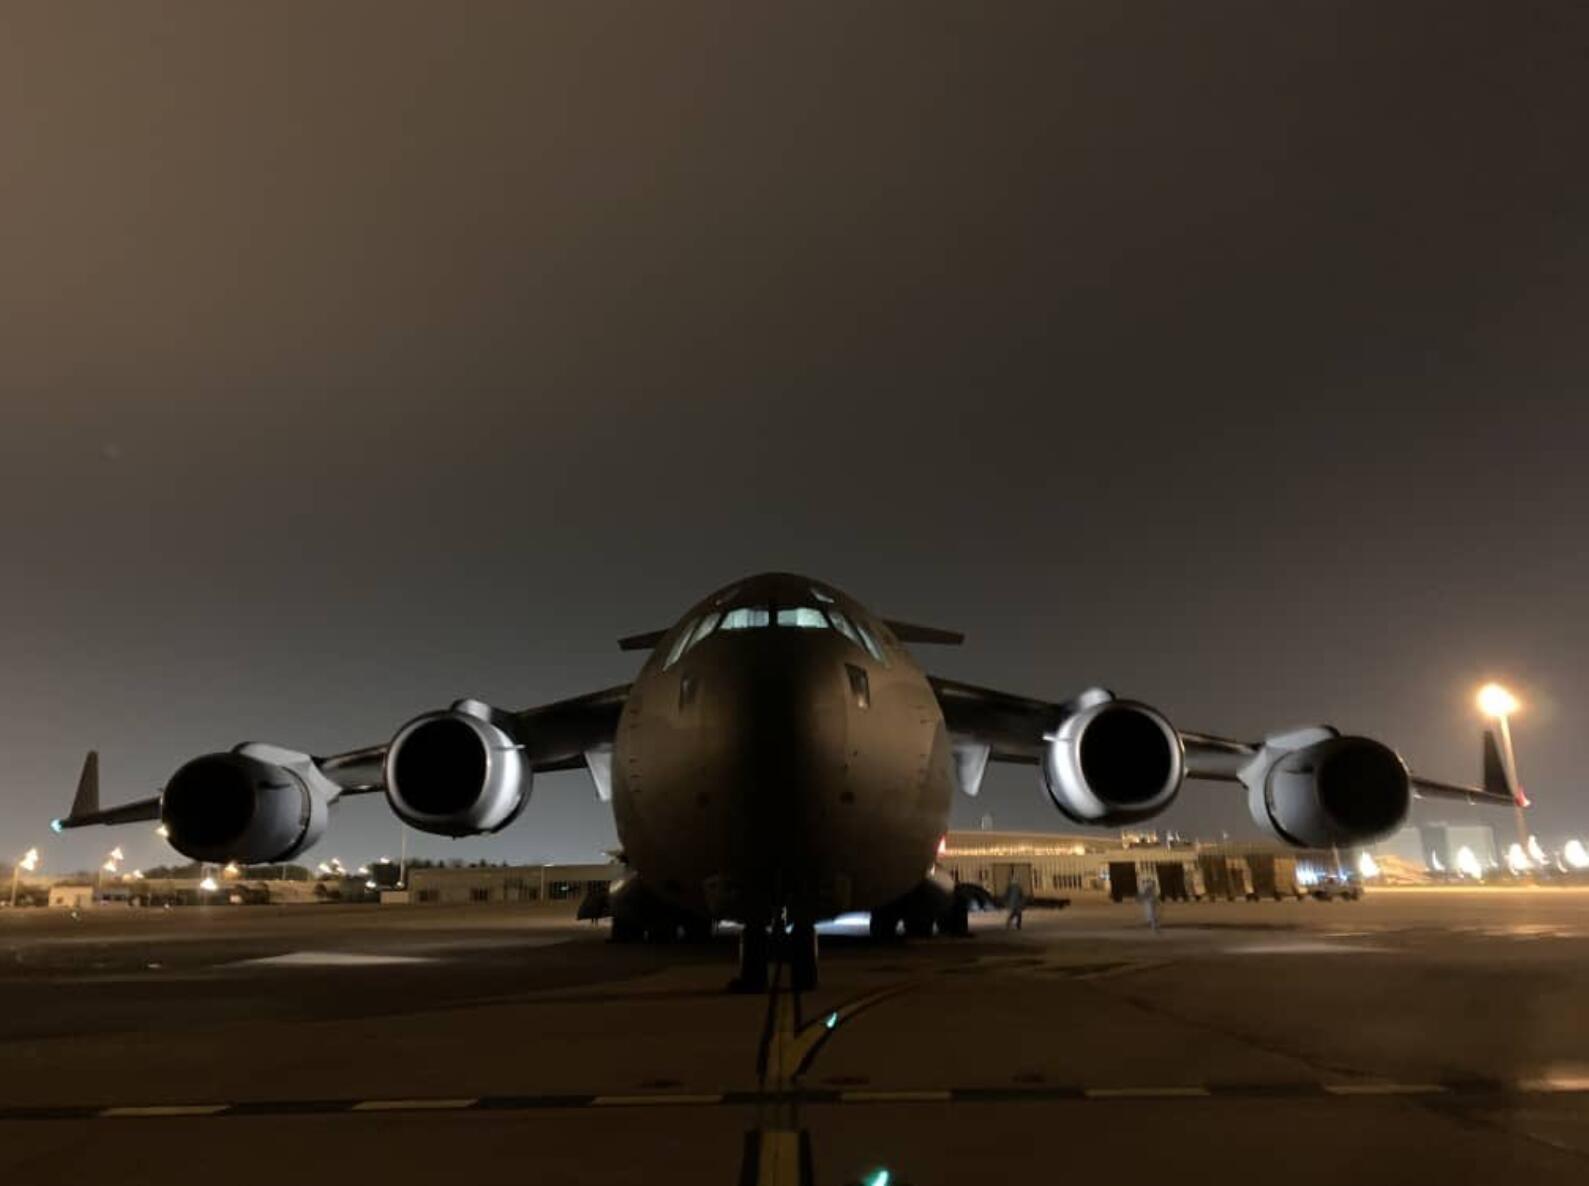 印度空军出动该国最大运输机向武汉运送15吨医疗物资